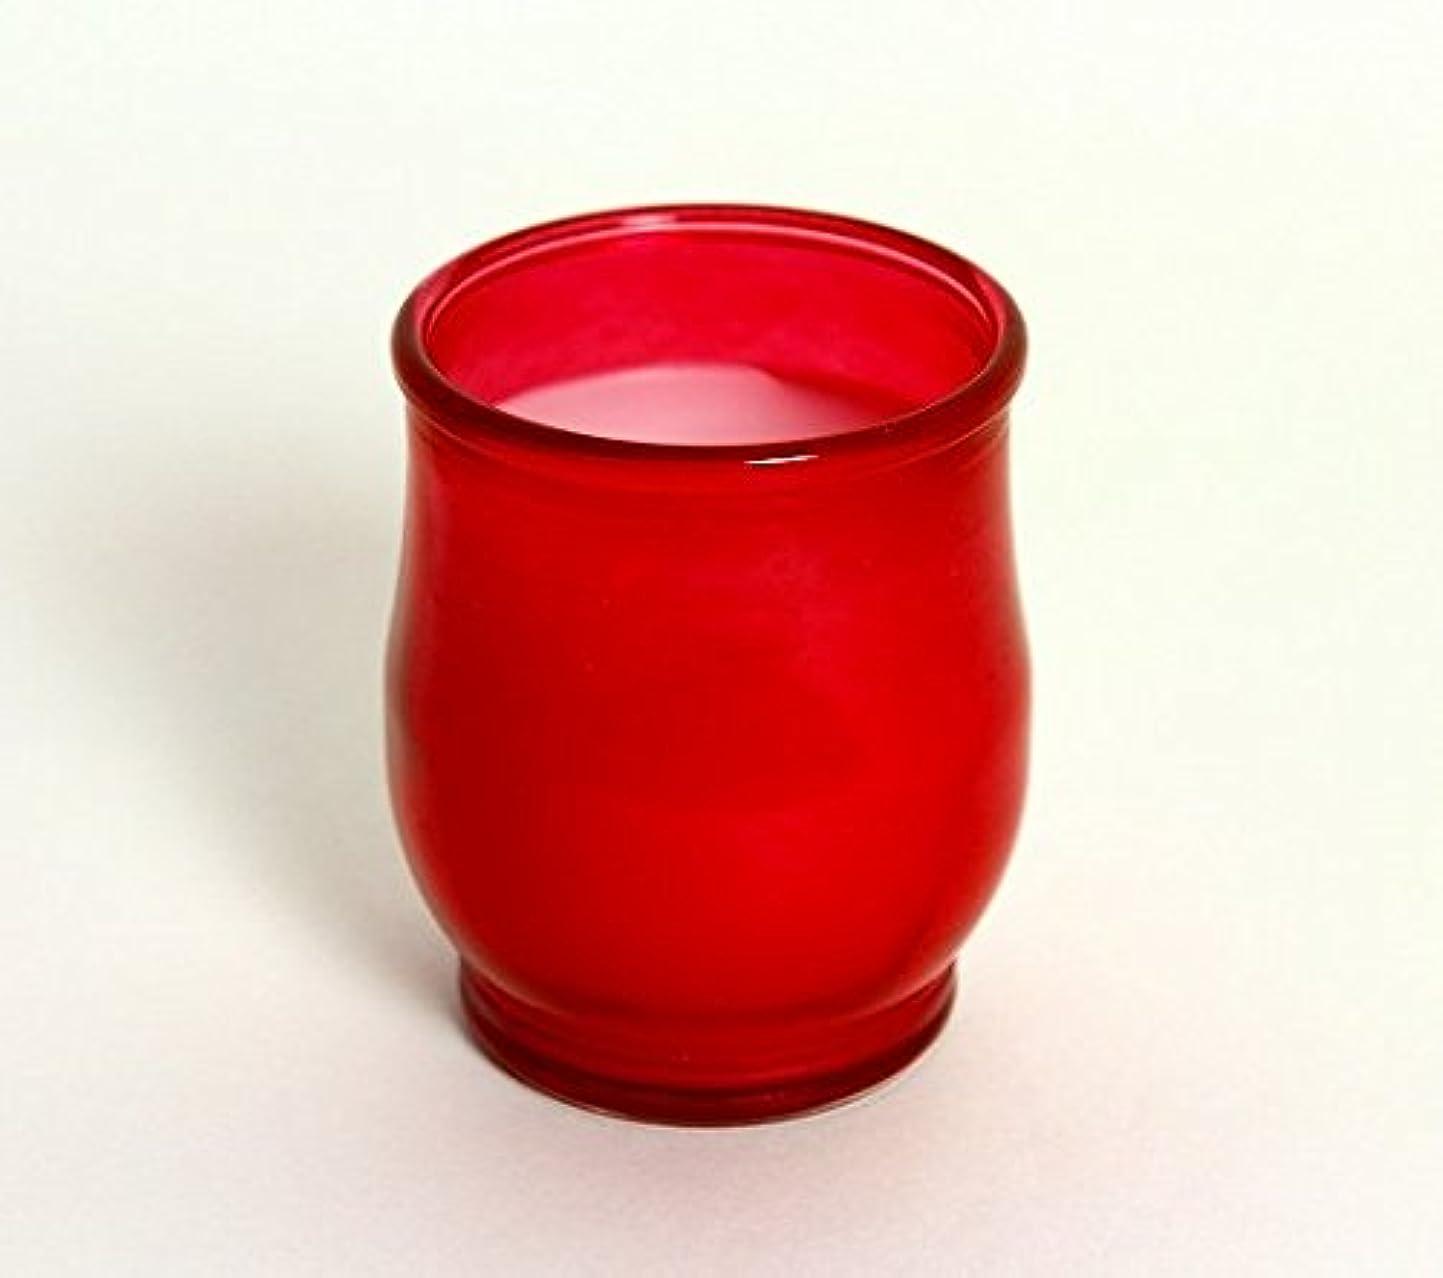 ブラウス急ぐそうでなければkameyama candle(カメヤマキャンドル) ポシェ(非常用コップローソク) 「 レッド(ライトカラー) 」 (B73020030R)